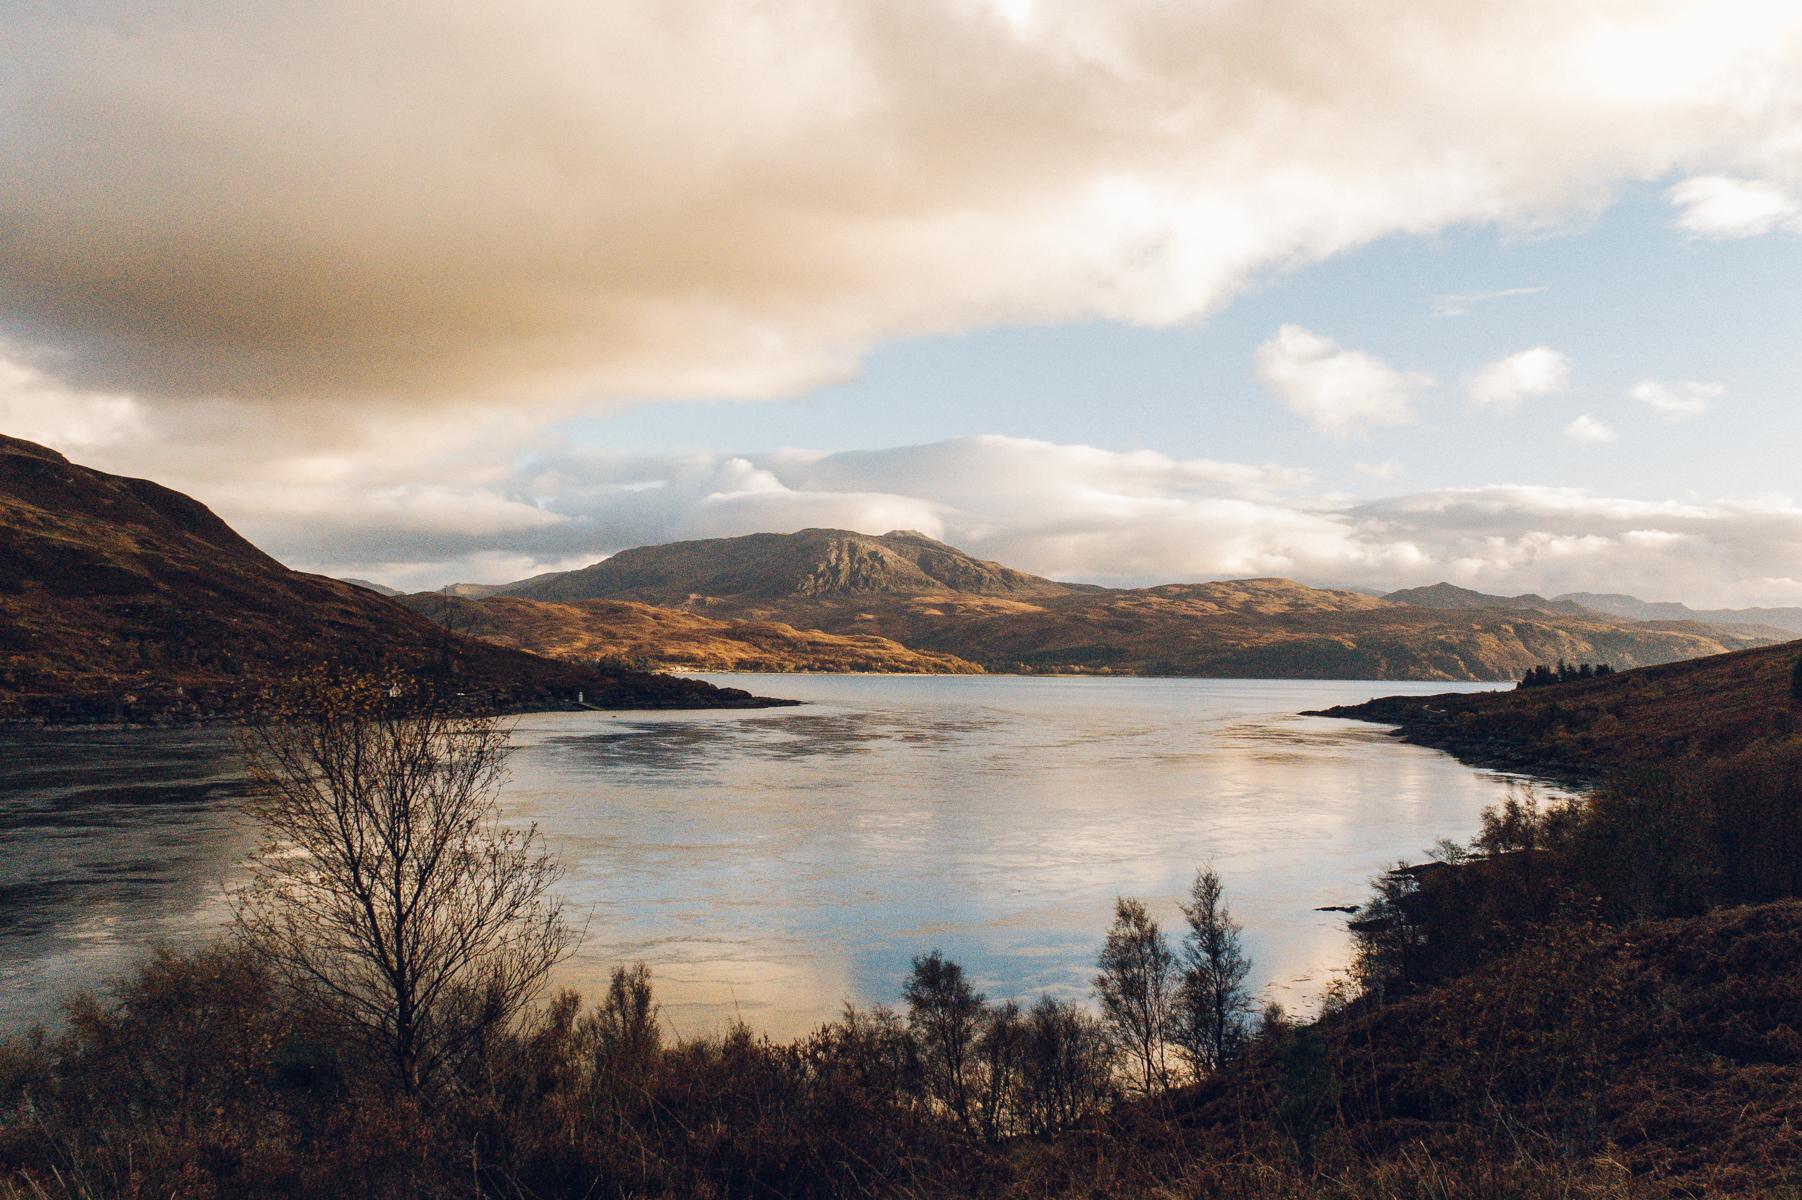 Golden hour in Scotland.